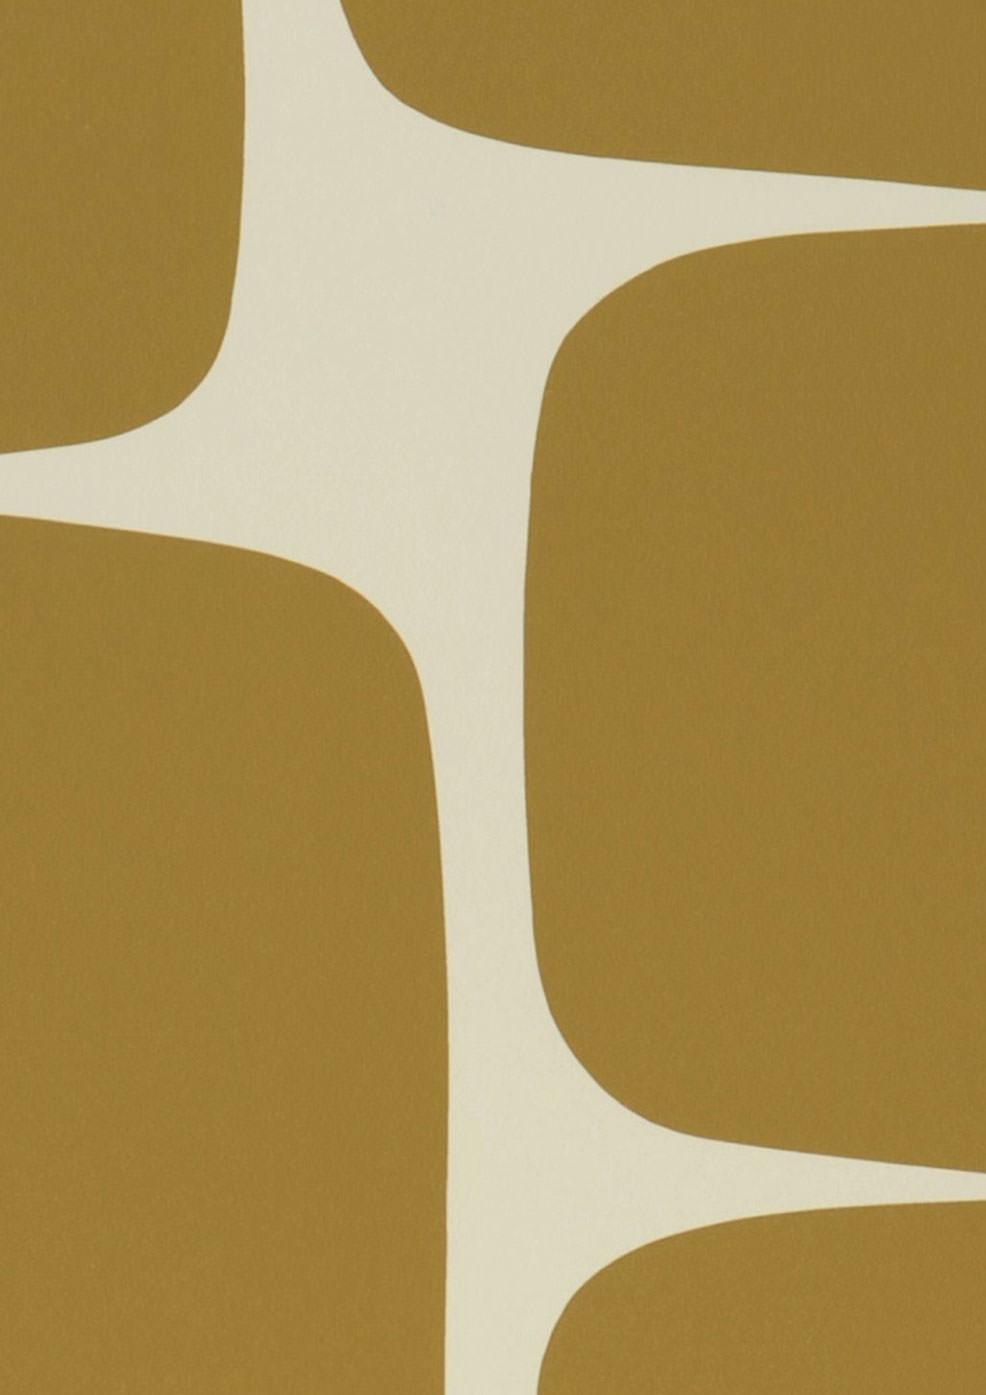 Papel pintado waris blanco crema ocre papeles de los 70 - Papel pintado de los 70 ...